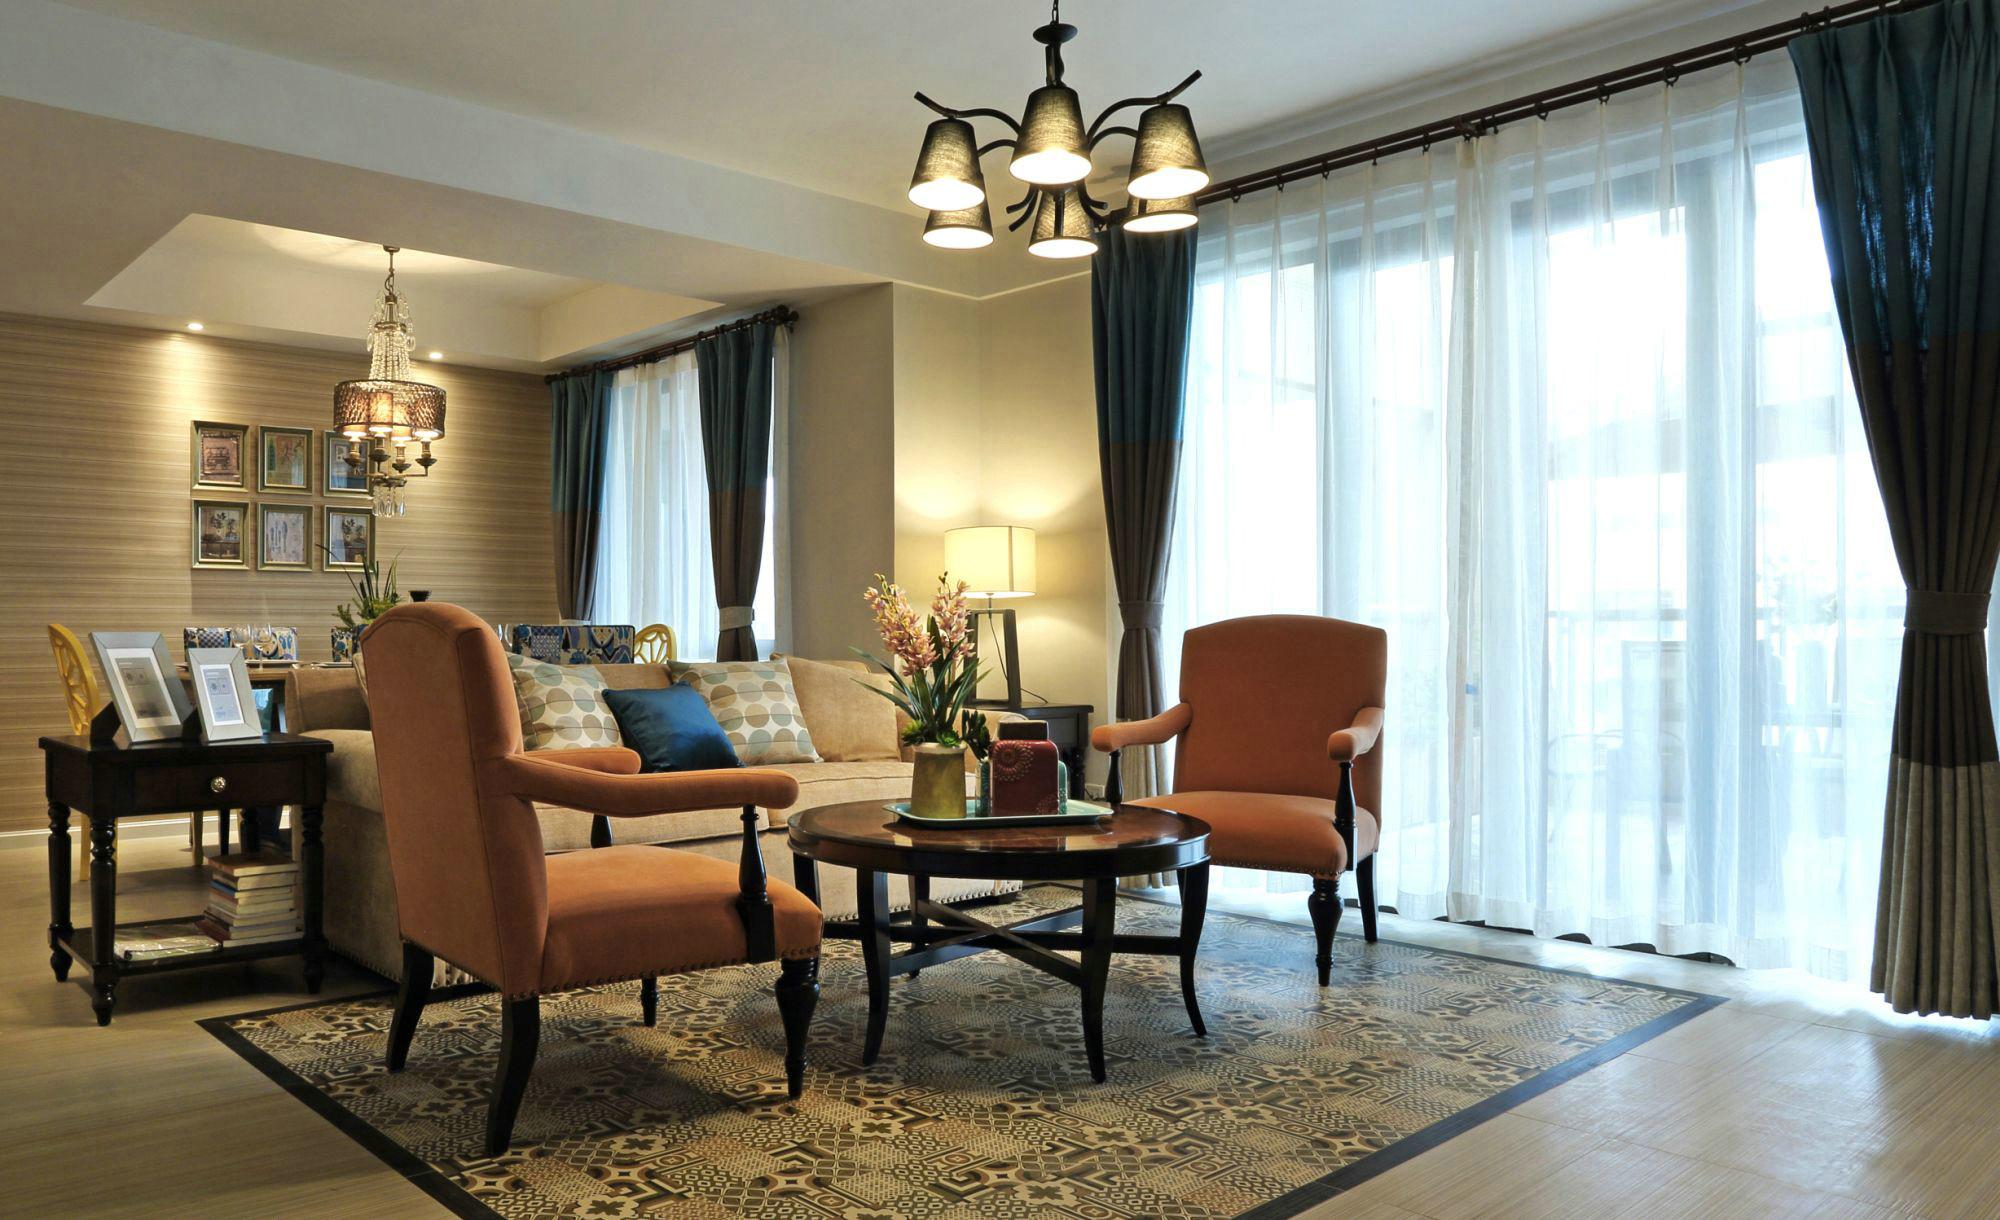 整体色调偏暖,驼色椅子与打在墙上的黄色灯光呼应协调。